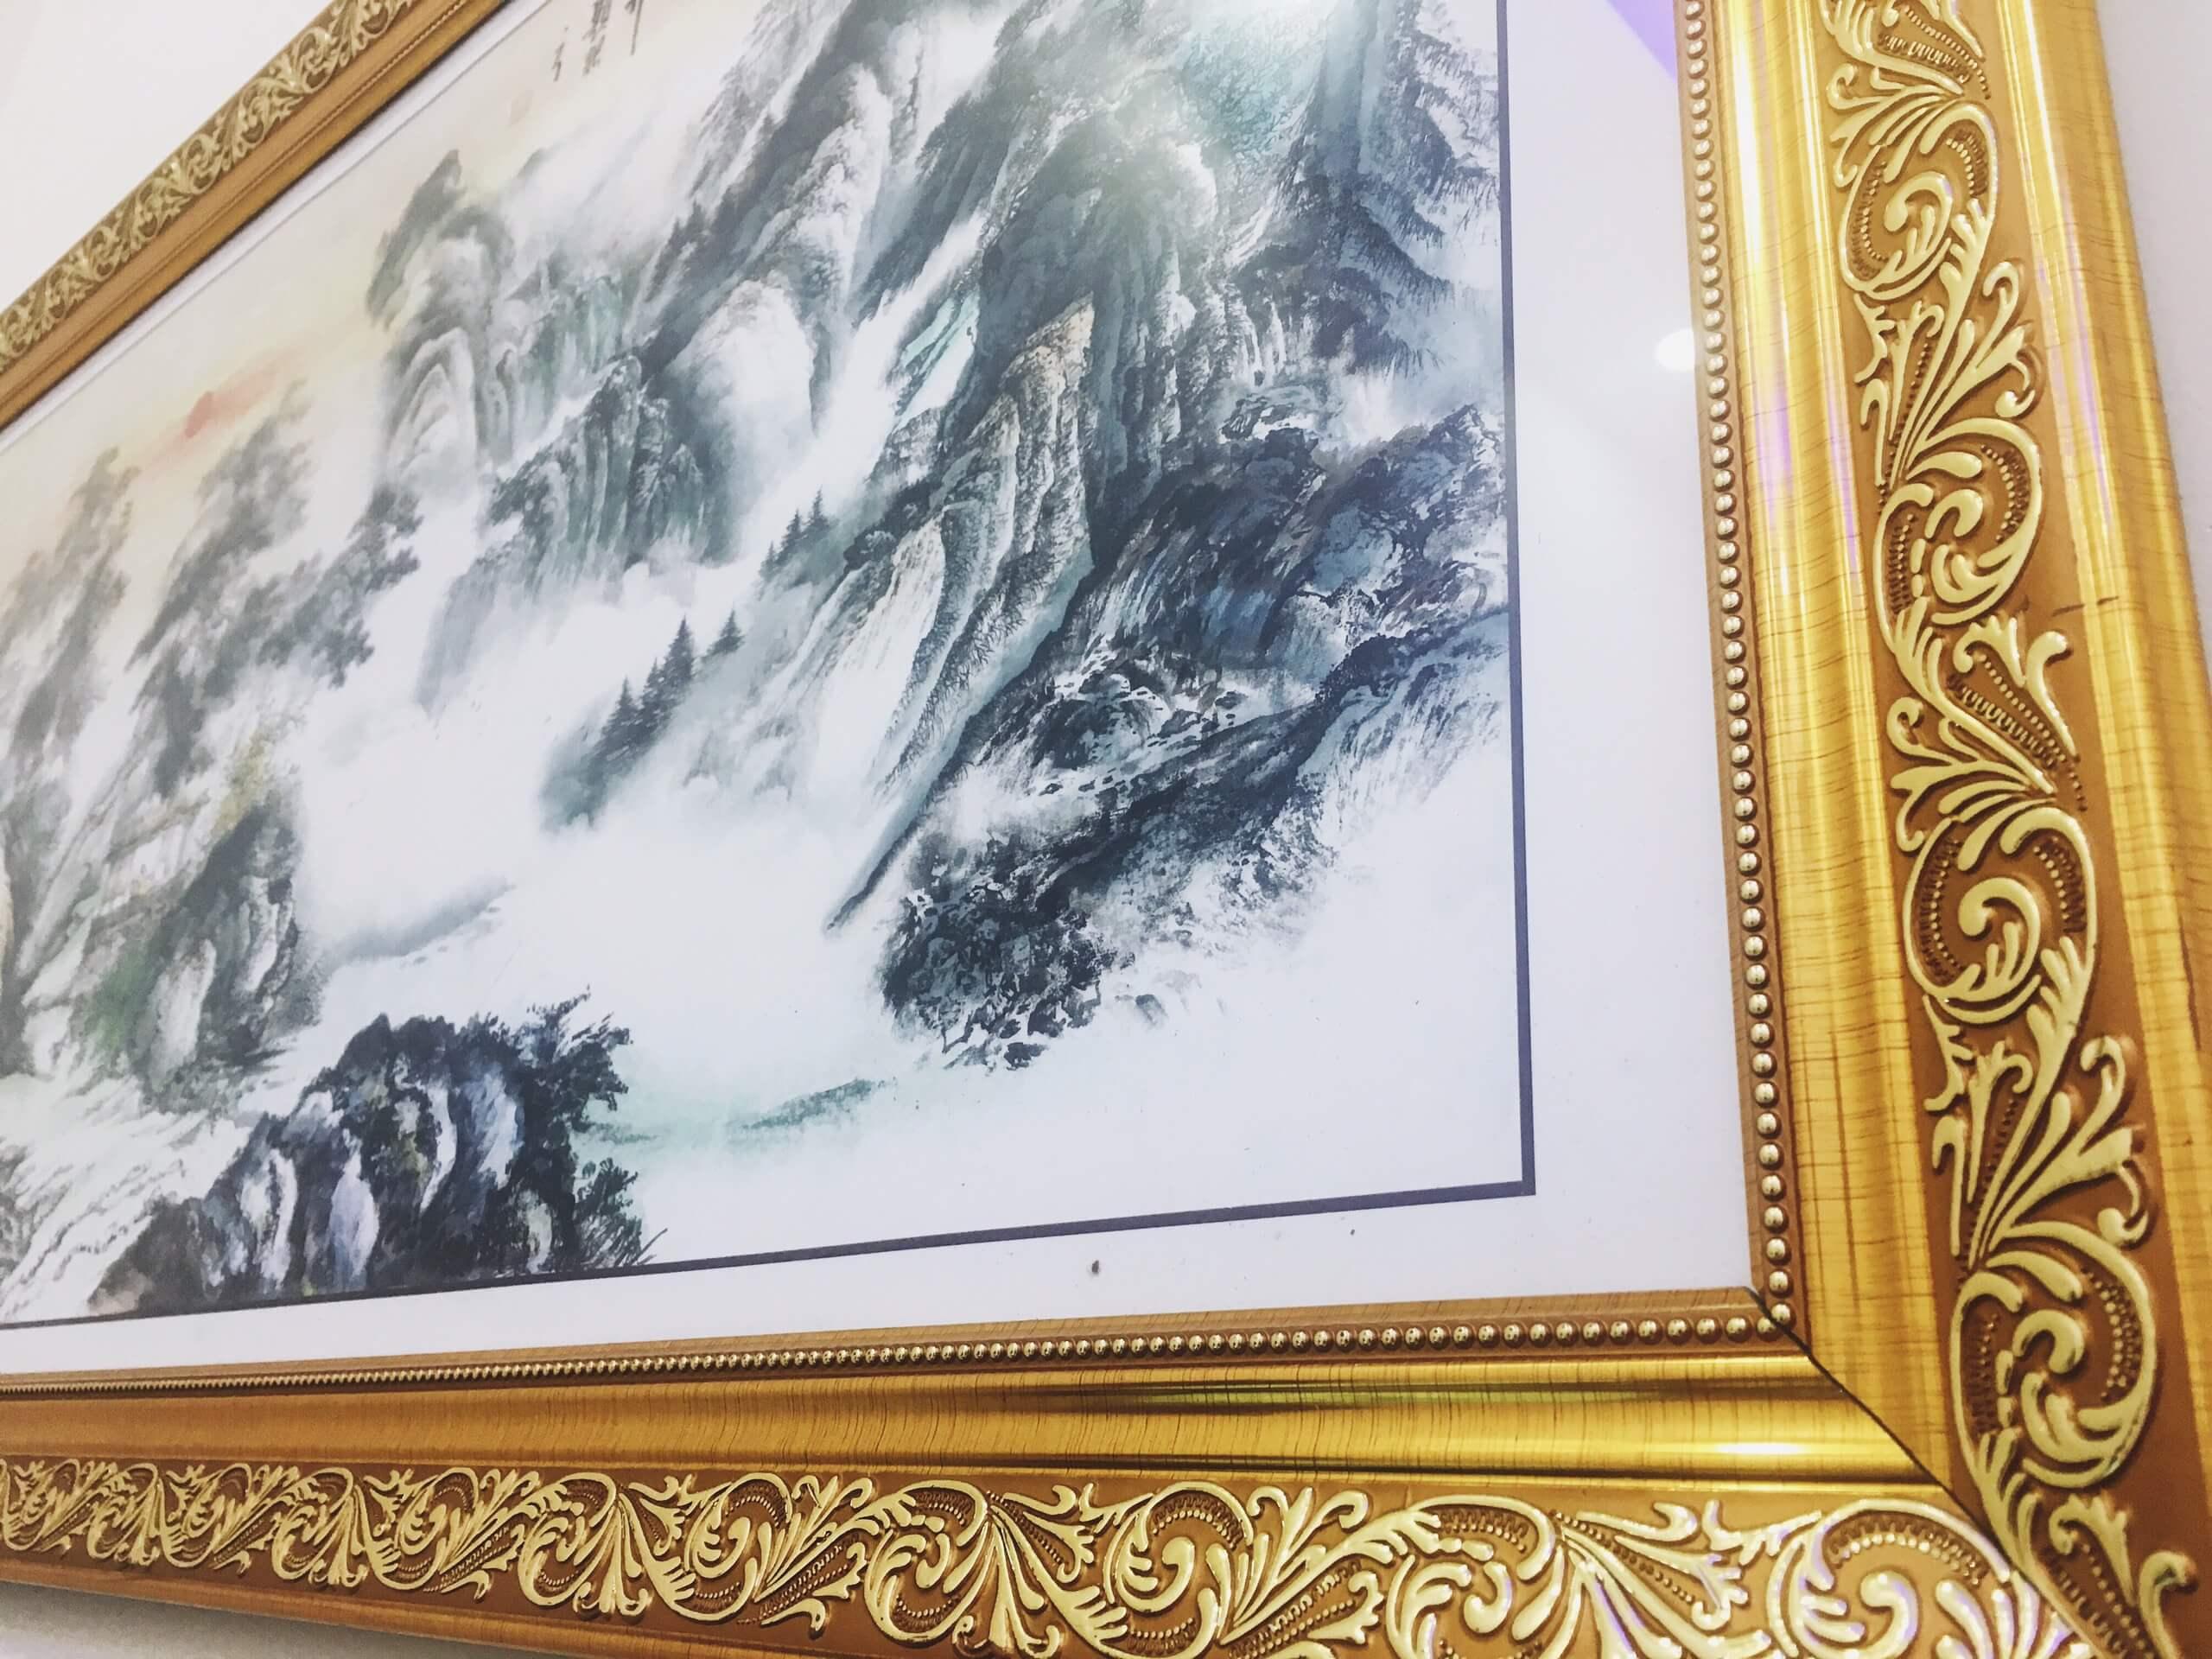 Tranh Núi Phong Thuỷ địa vị vững chắc mang lại phú quý kích thước dài 100cm cao 50 cm chuẩn phong thủy, thích hợp đặt phòng làm việc cho sếp